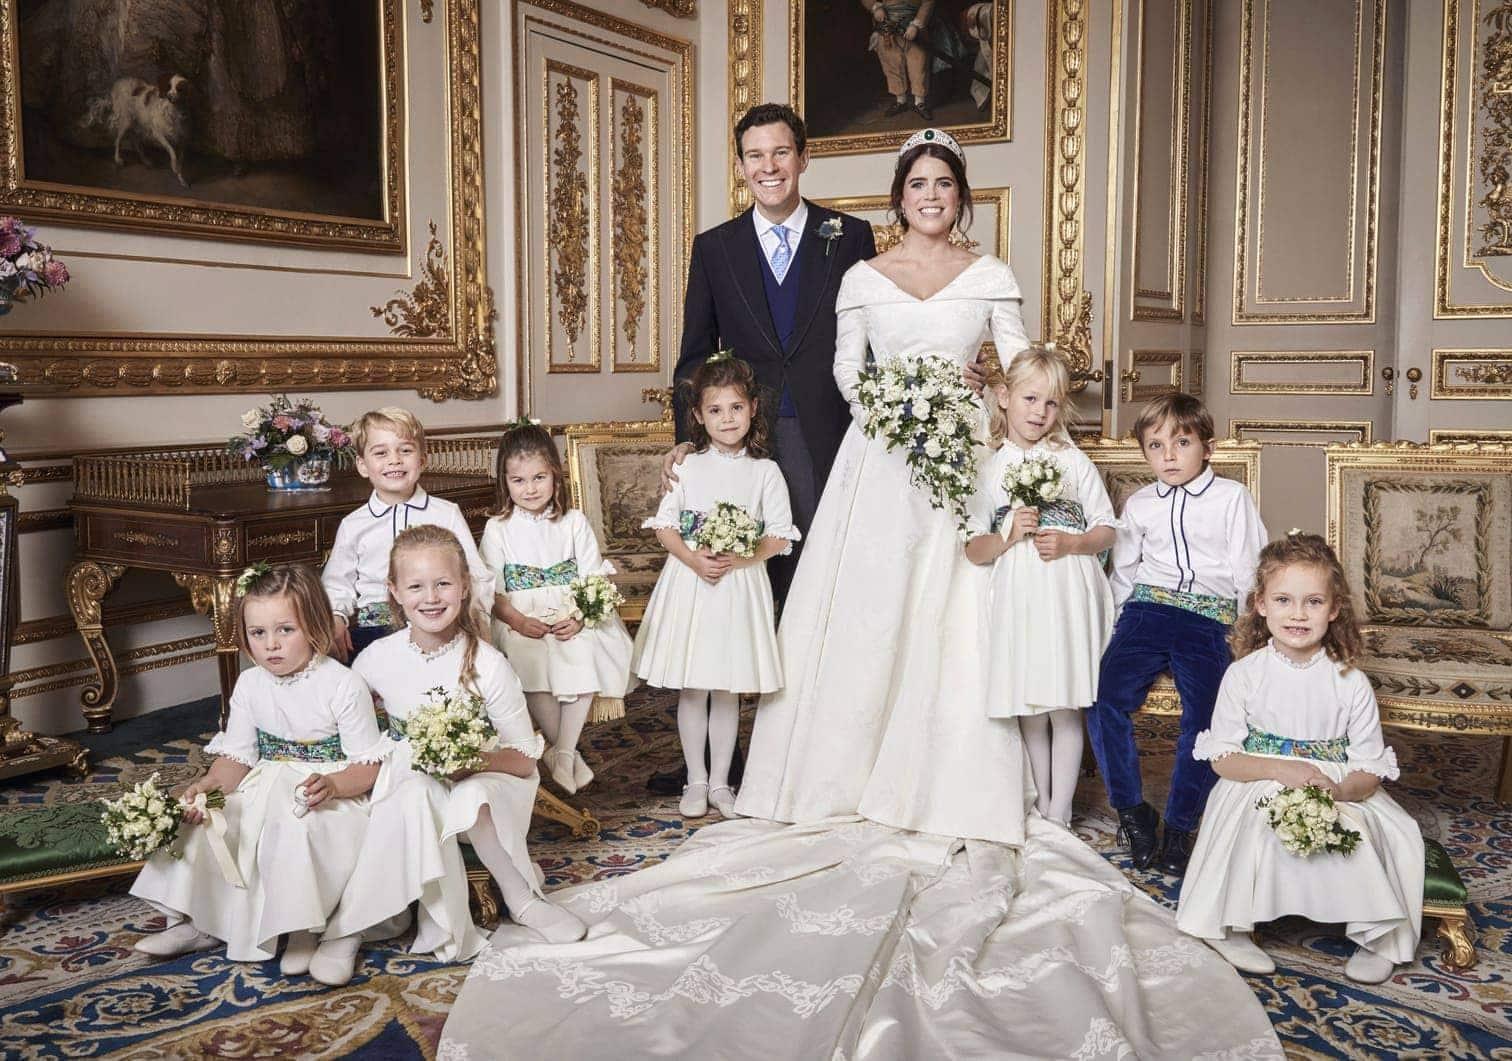 wie sie in der Hochzeitskutsche sitzen und sich küssen. Die romantisch anmutende Aufnahme sei auf der Rückfahrt von der Trauung in der schlosseigenen Kapelle zum Schloss Windsor entstanden